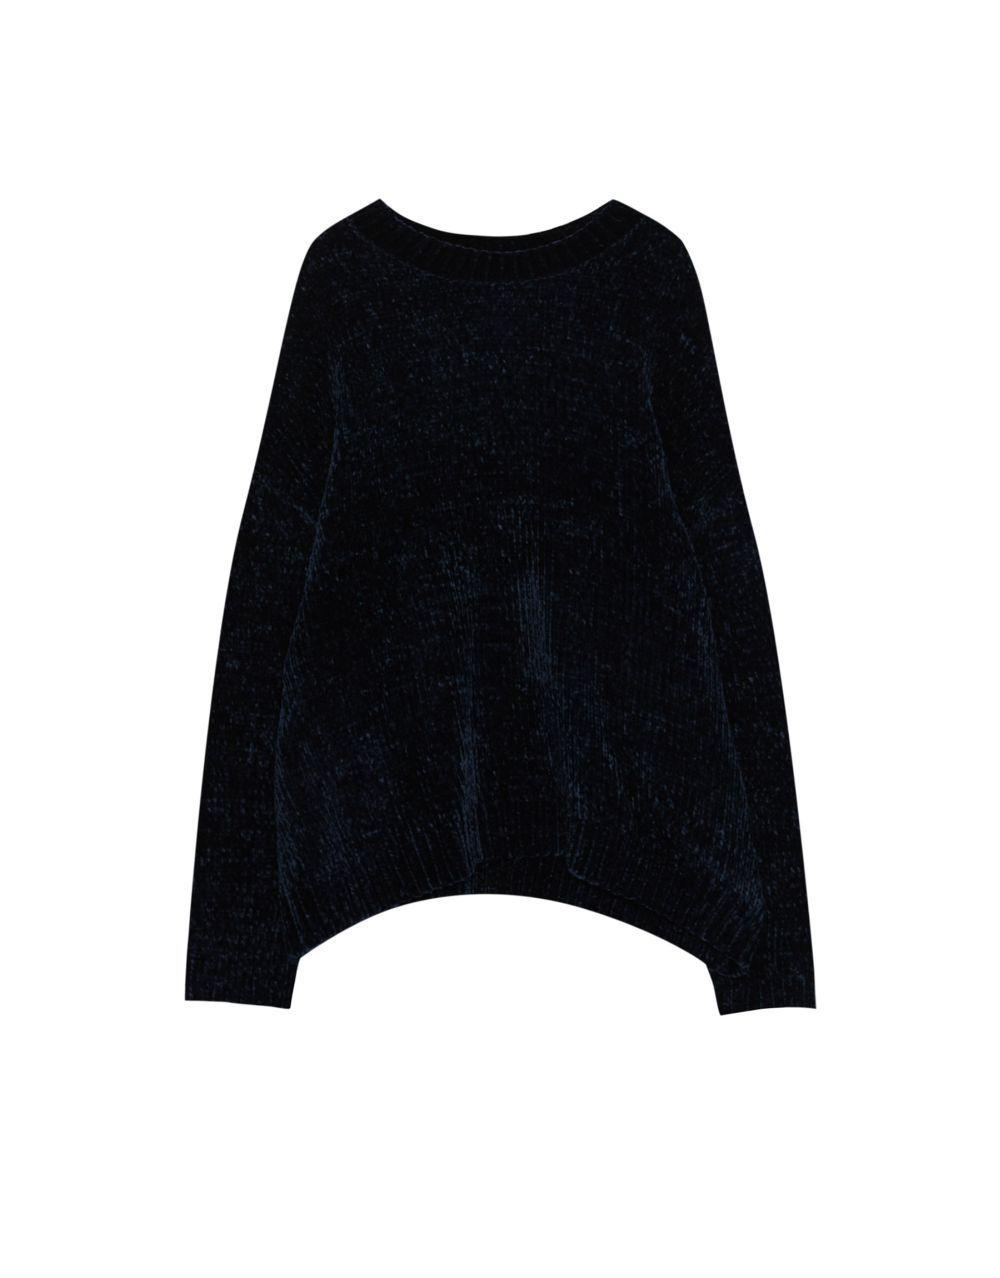 Jersey chenilla de Pull&Bear (19,99 euros)